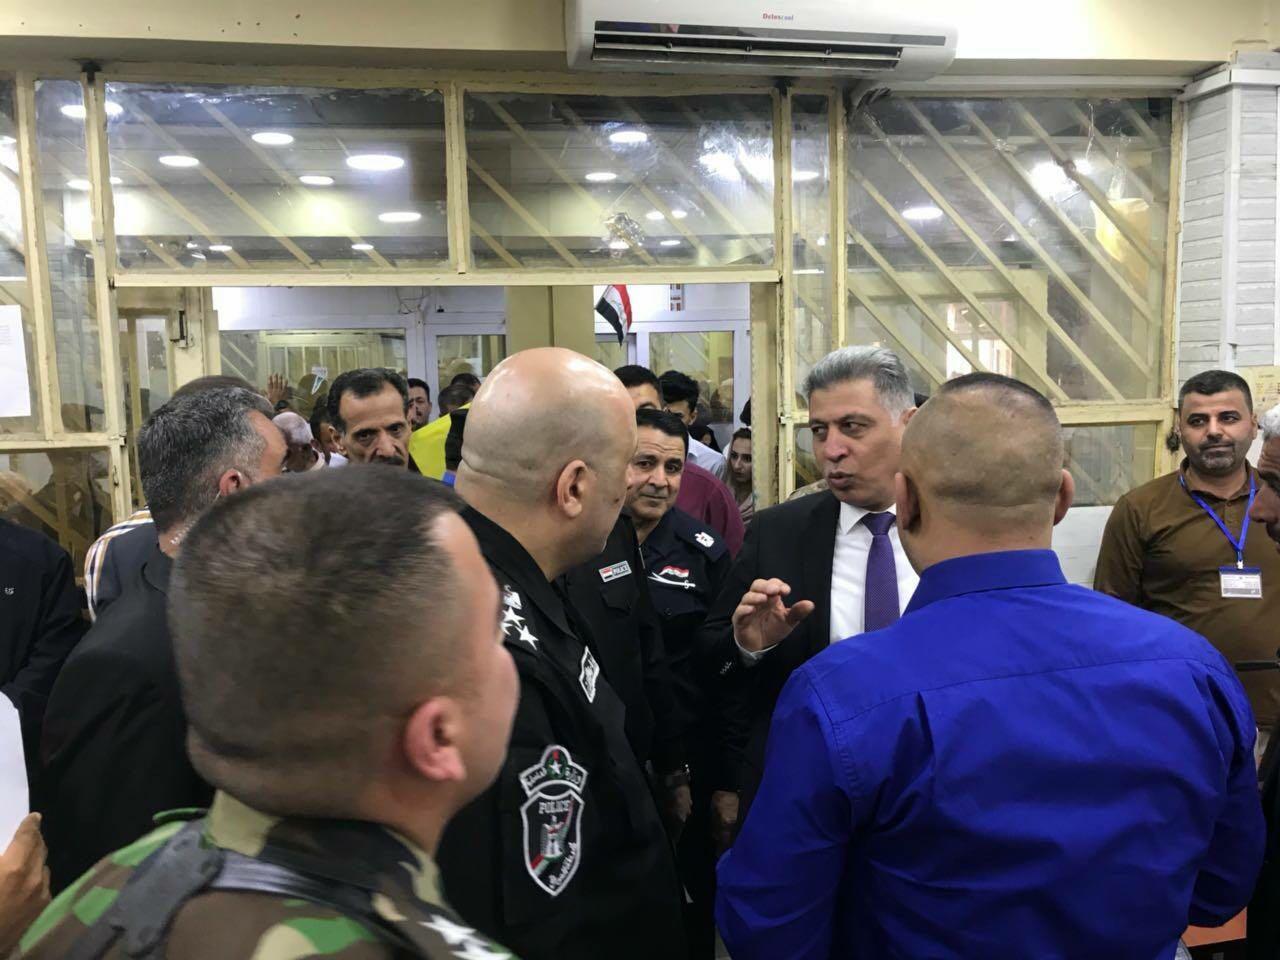 Türkmen Lider Salihi Kerkük Vatandaşlık Dairesini Ziyaret Etti